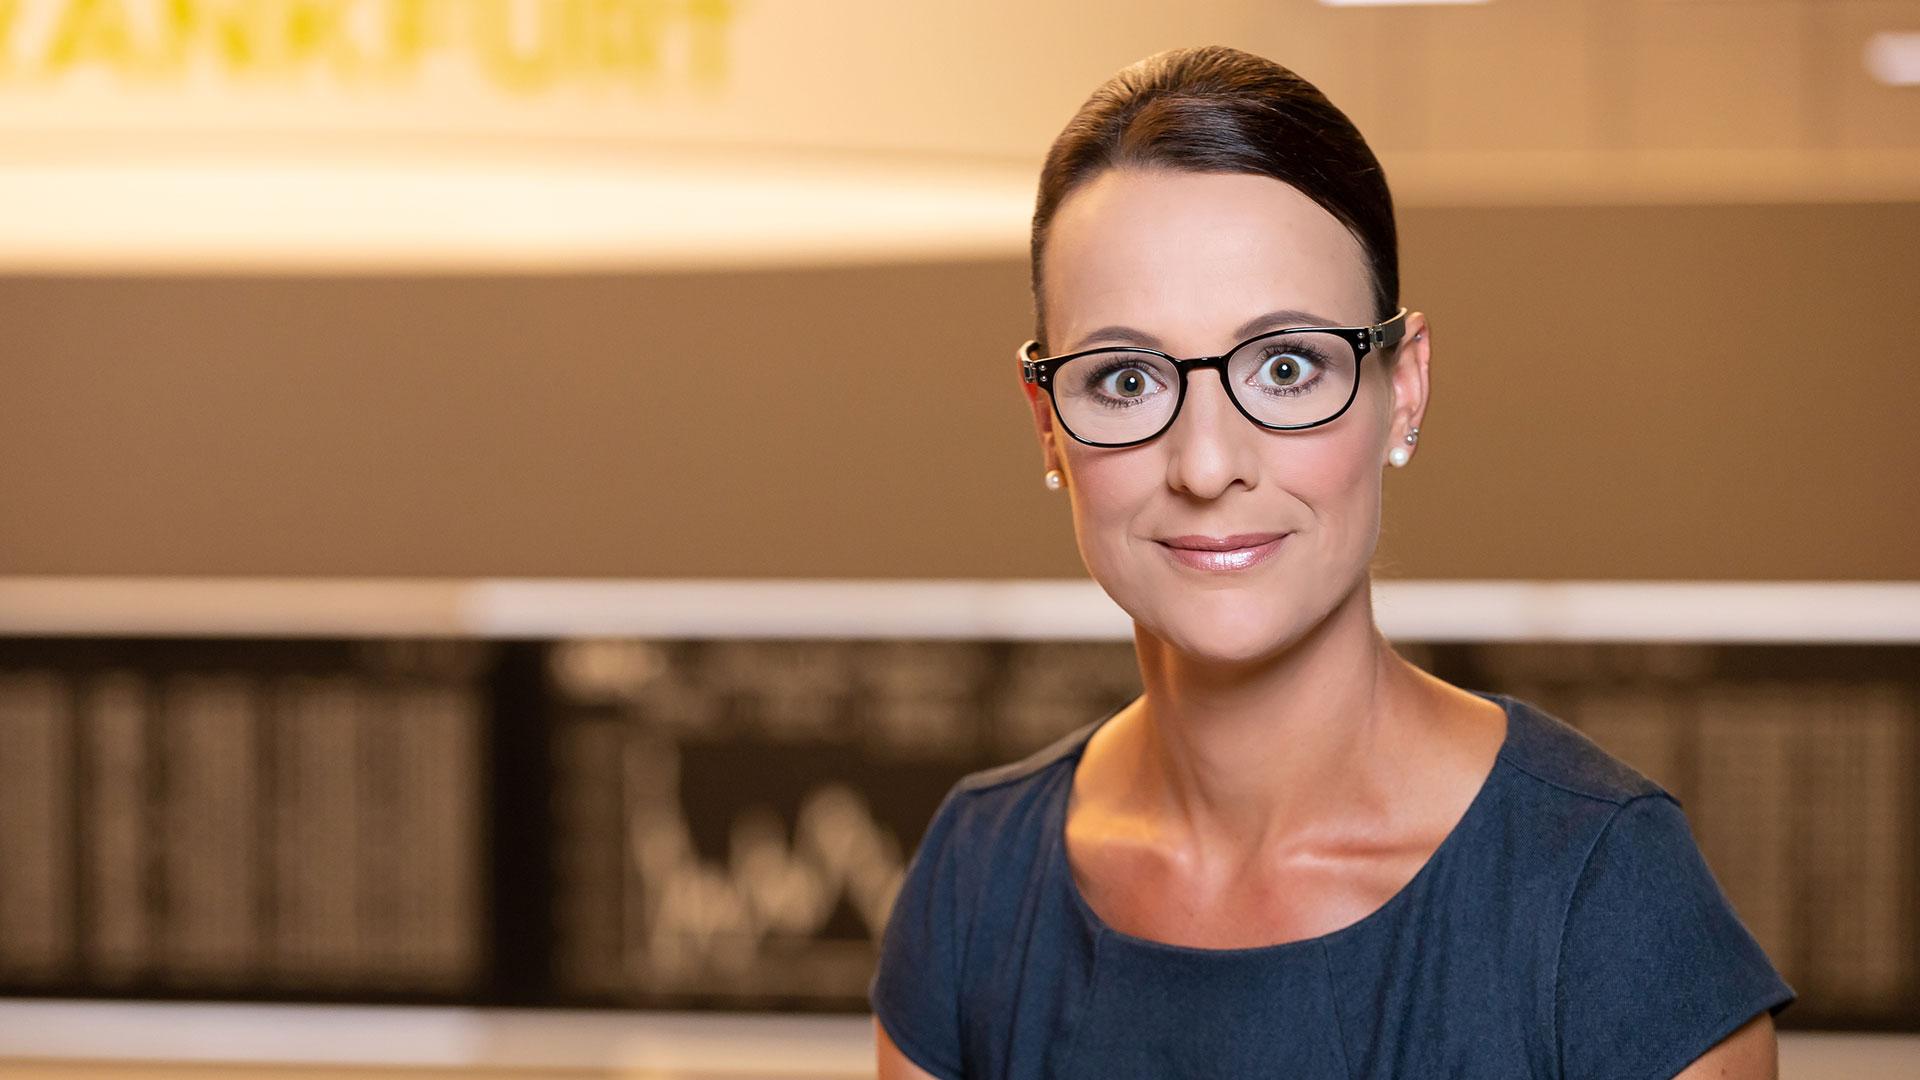 Franziska Schimke Alter